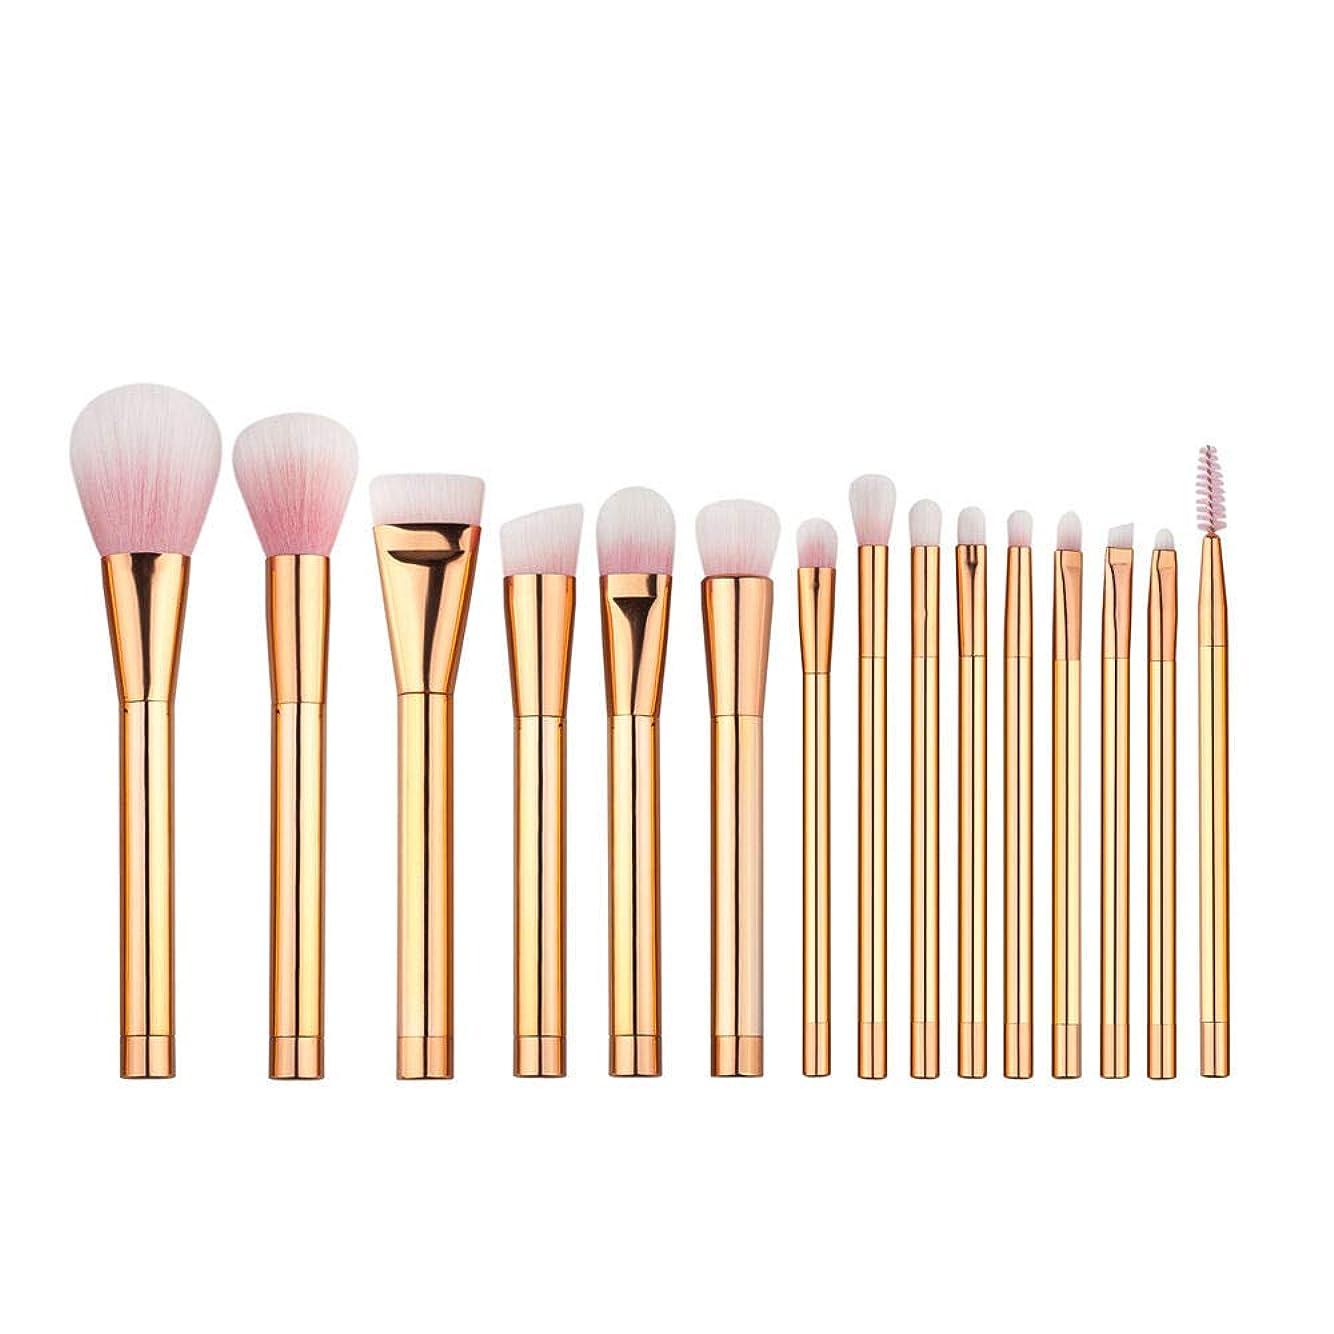 またはポップ自己FidgetGear 15本の化粧ブラシ化粧品パウダーファンデーションメイクアップブラシセット 15本ローズゴールドブラシ